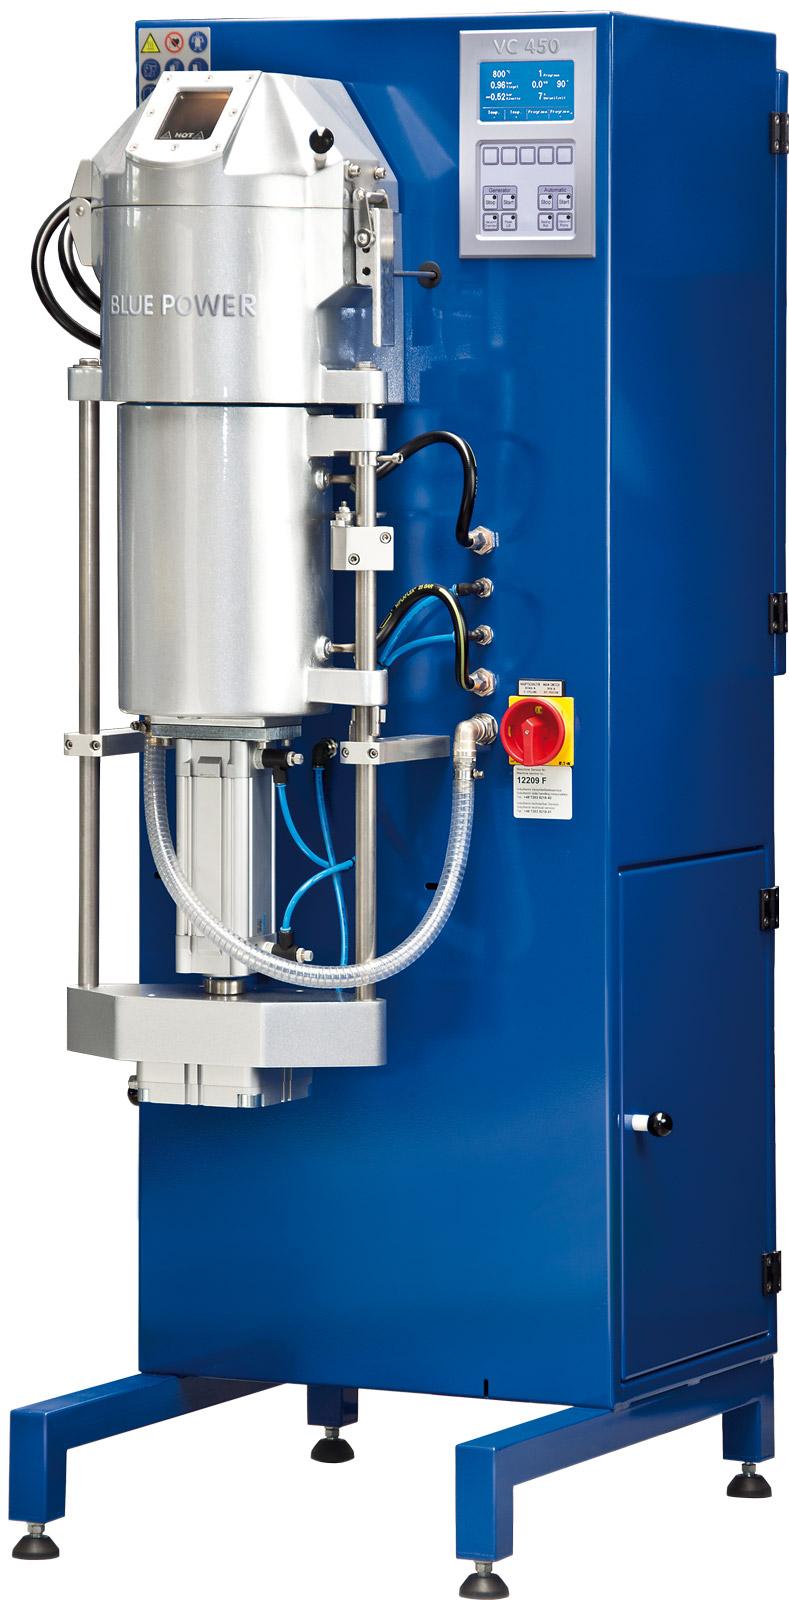 VC 450 Vakuum-Druck-Gießanlage